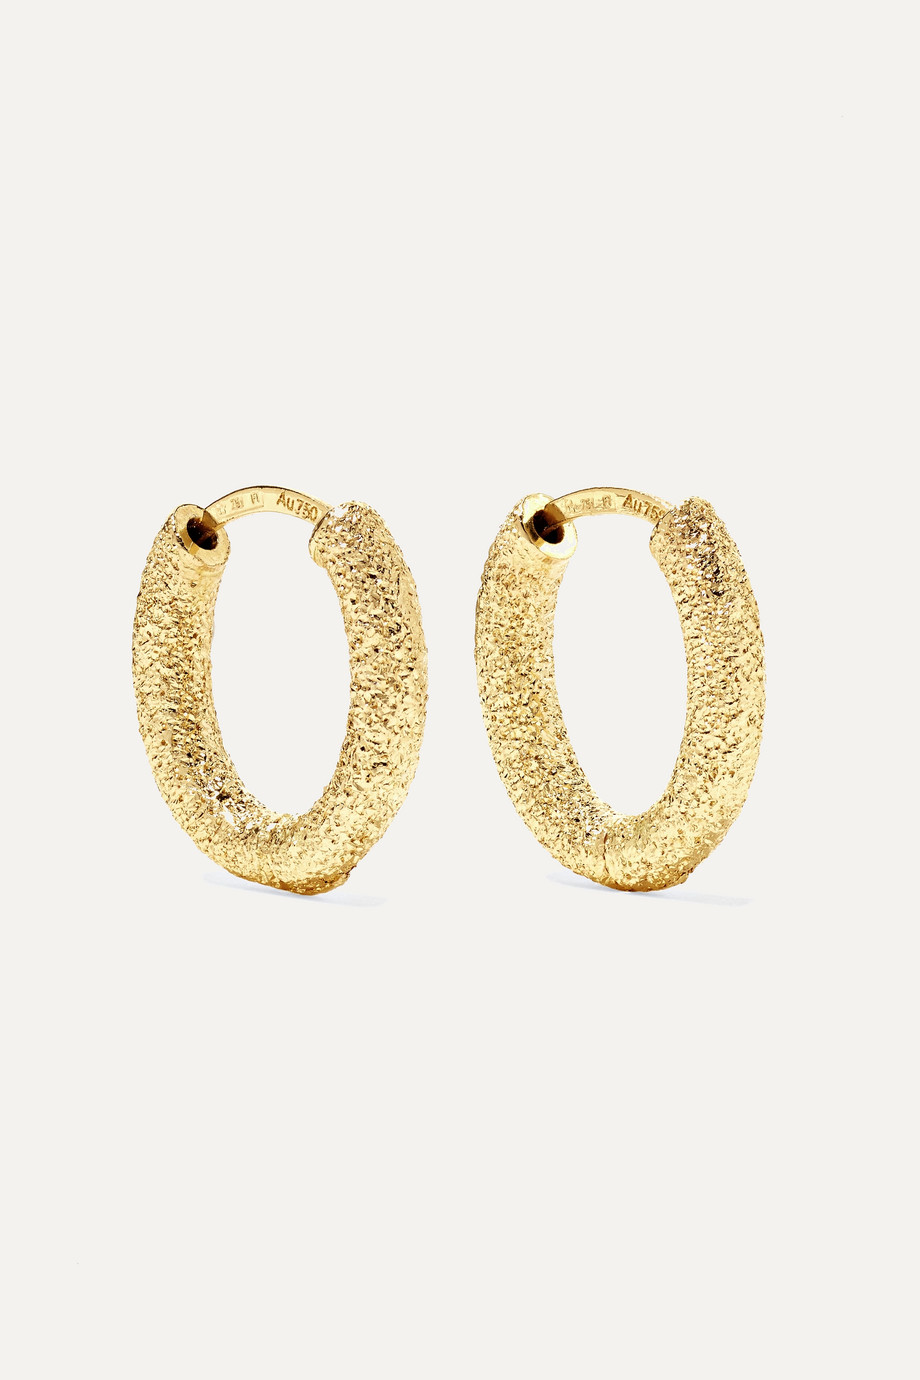 Carolina Bucci 18K 黄金耳环